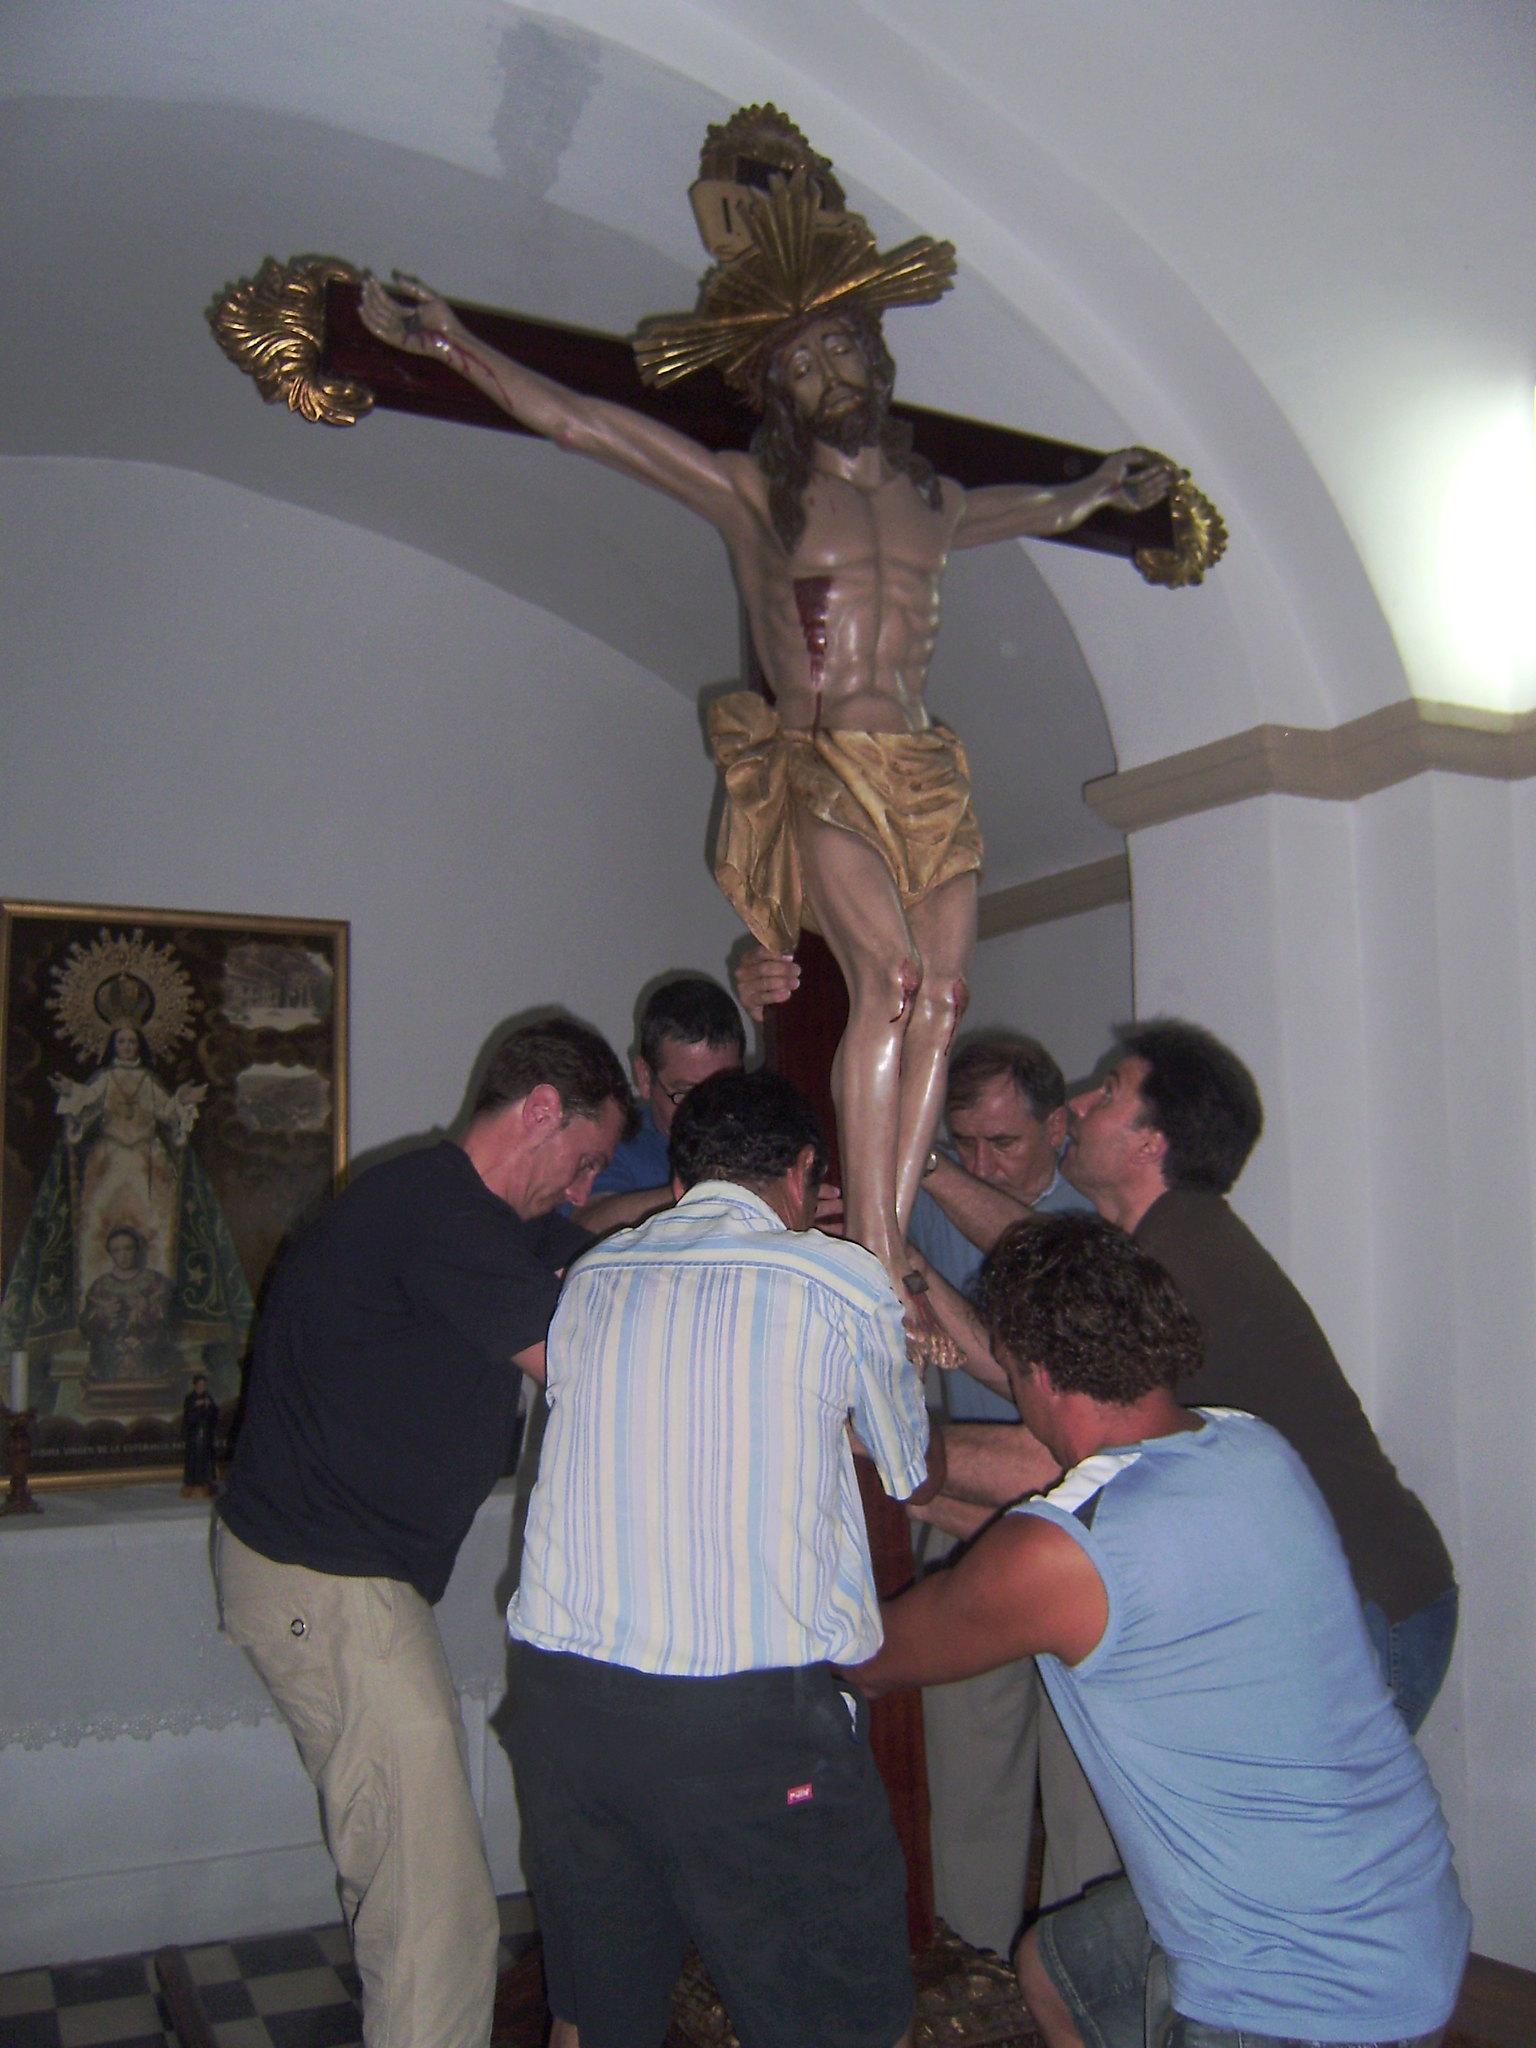 (2009-06-04) - Preparativos - Javier Romero Ripoll - (04)